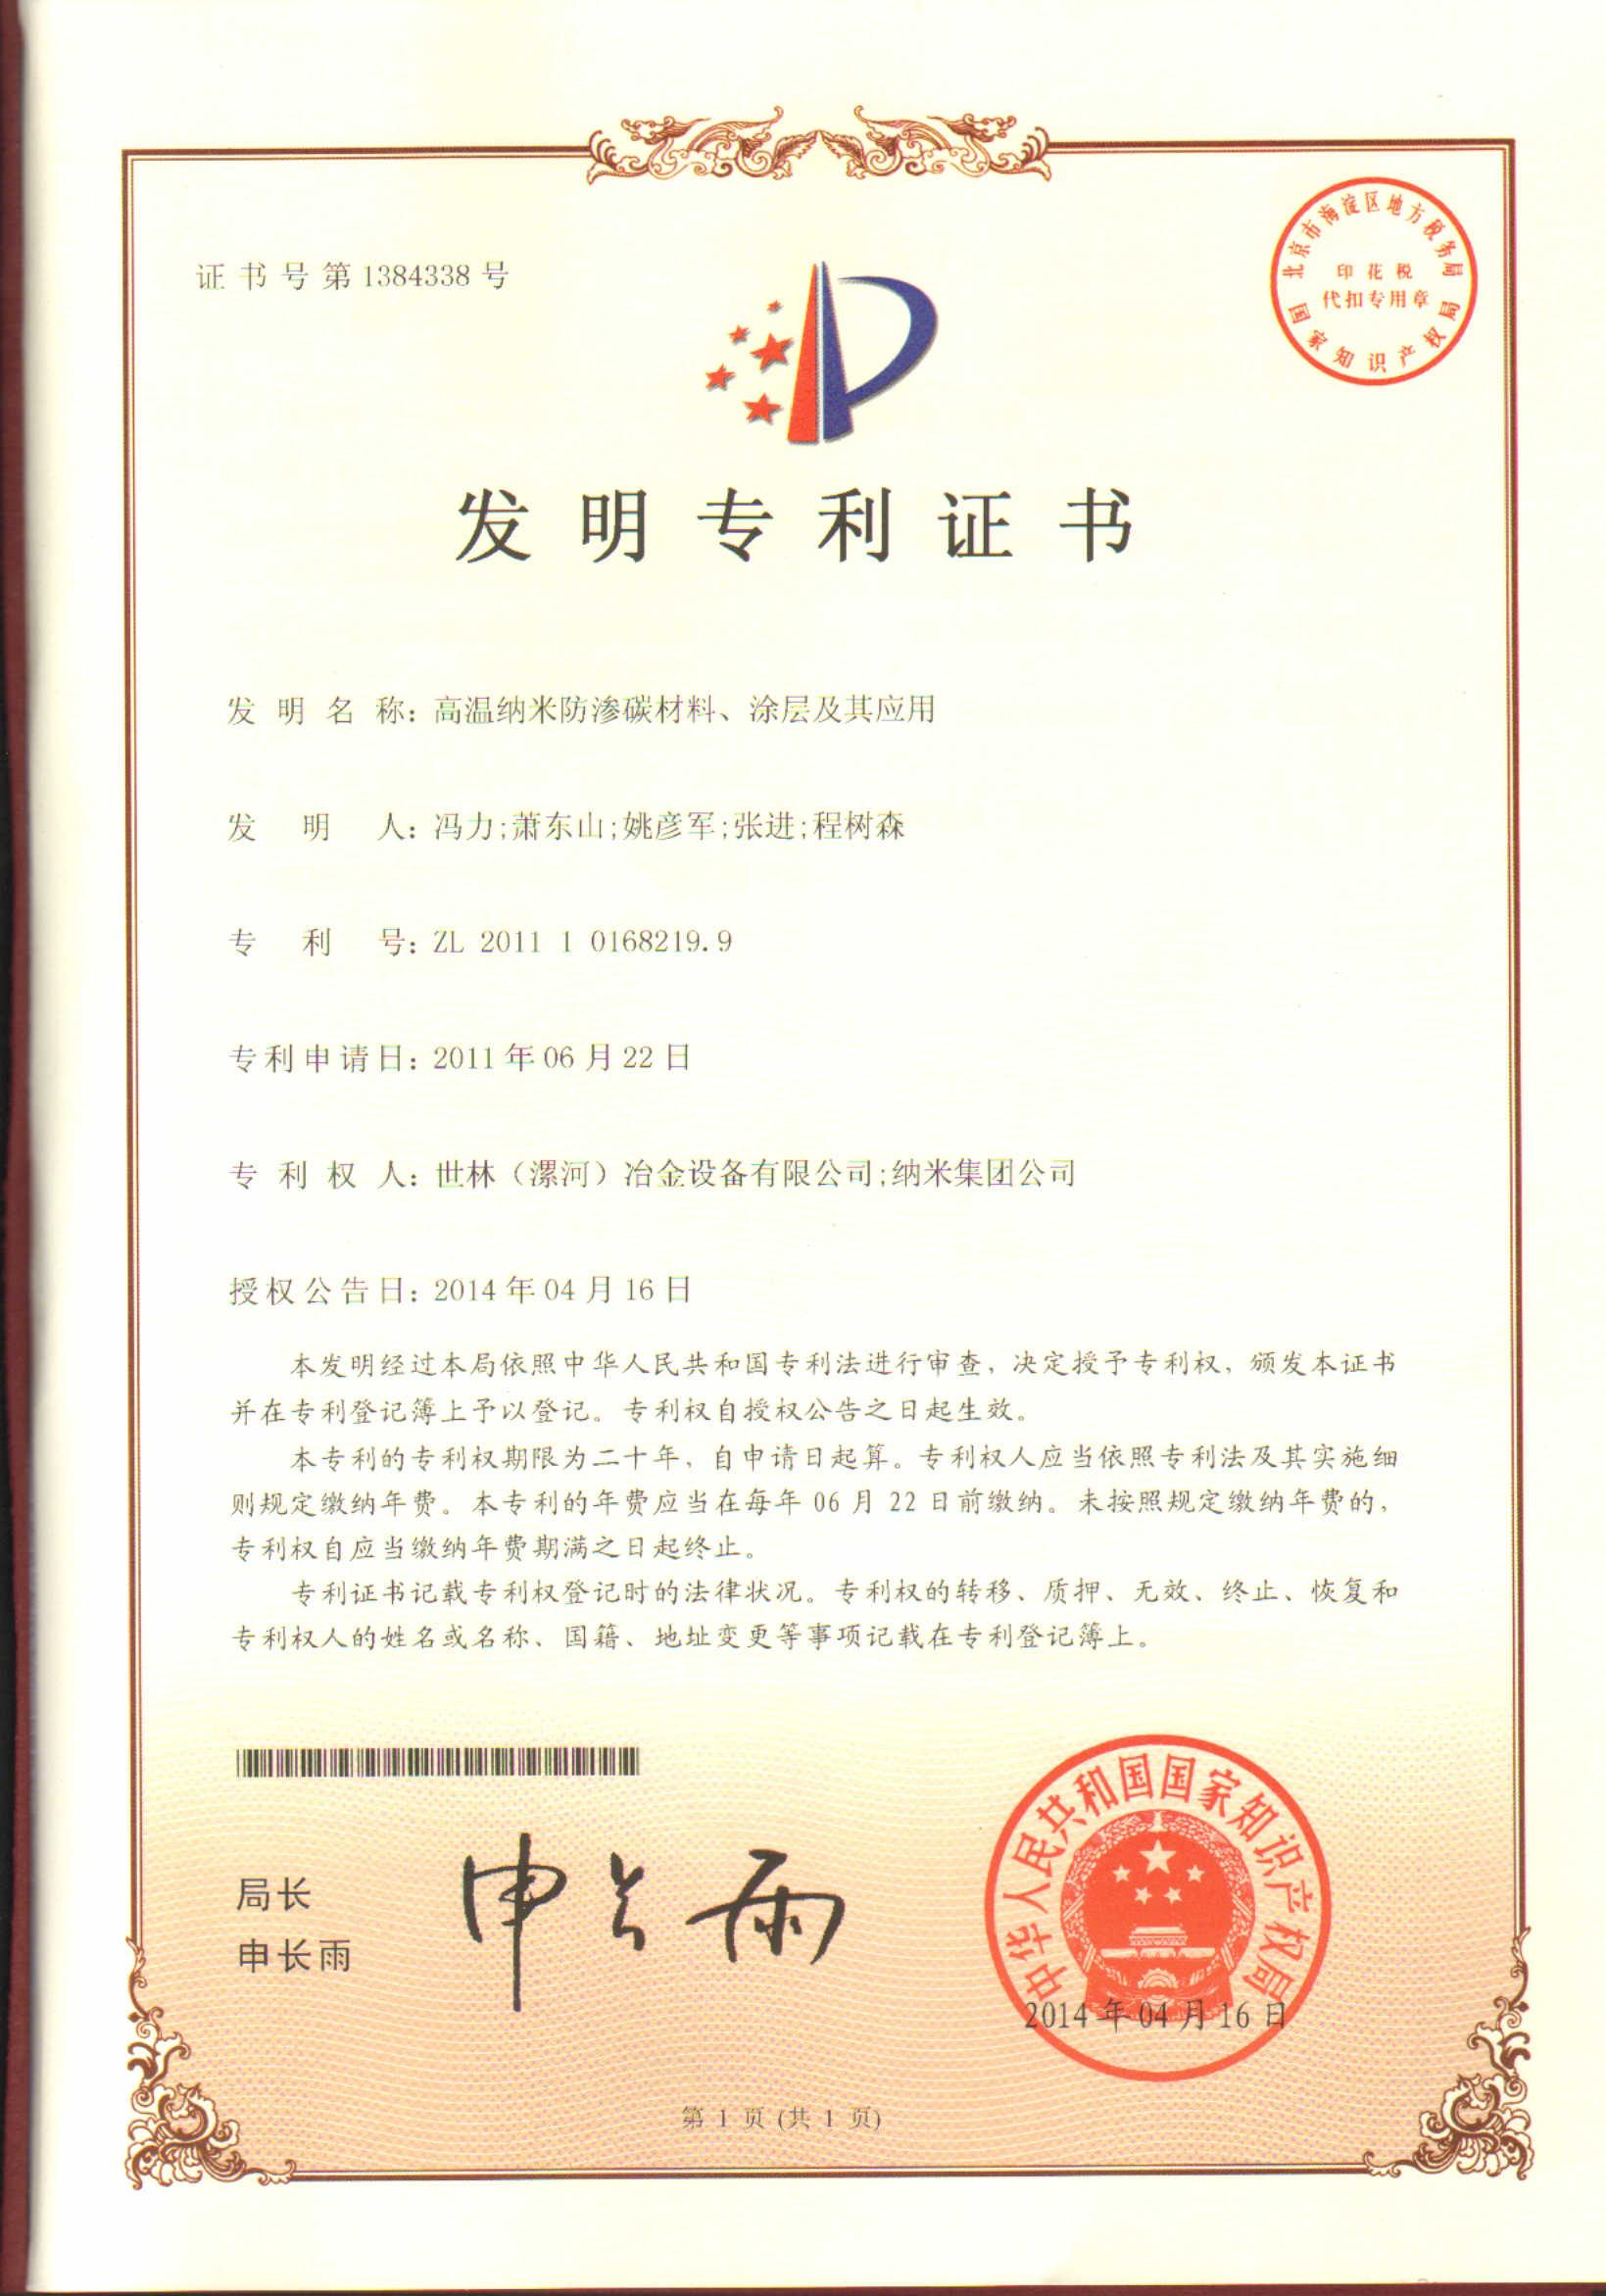 發明專利-高溫納米防滲碳涂料、涂層及其應用